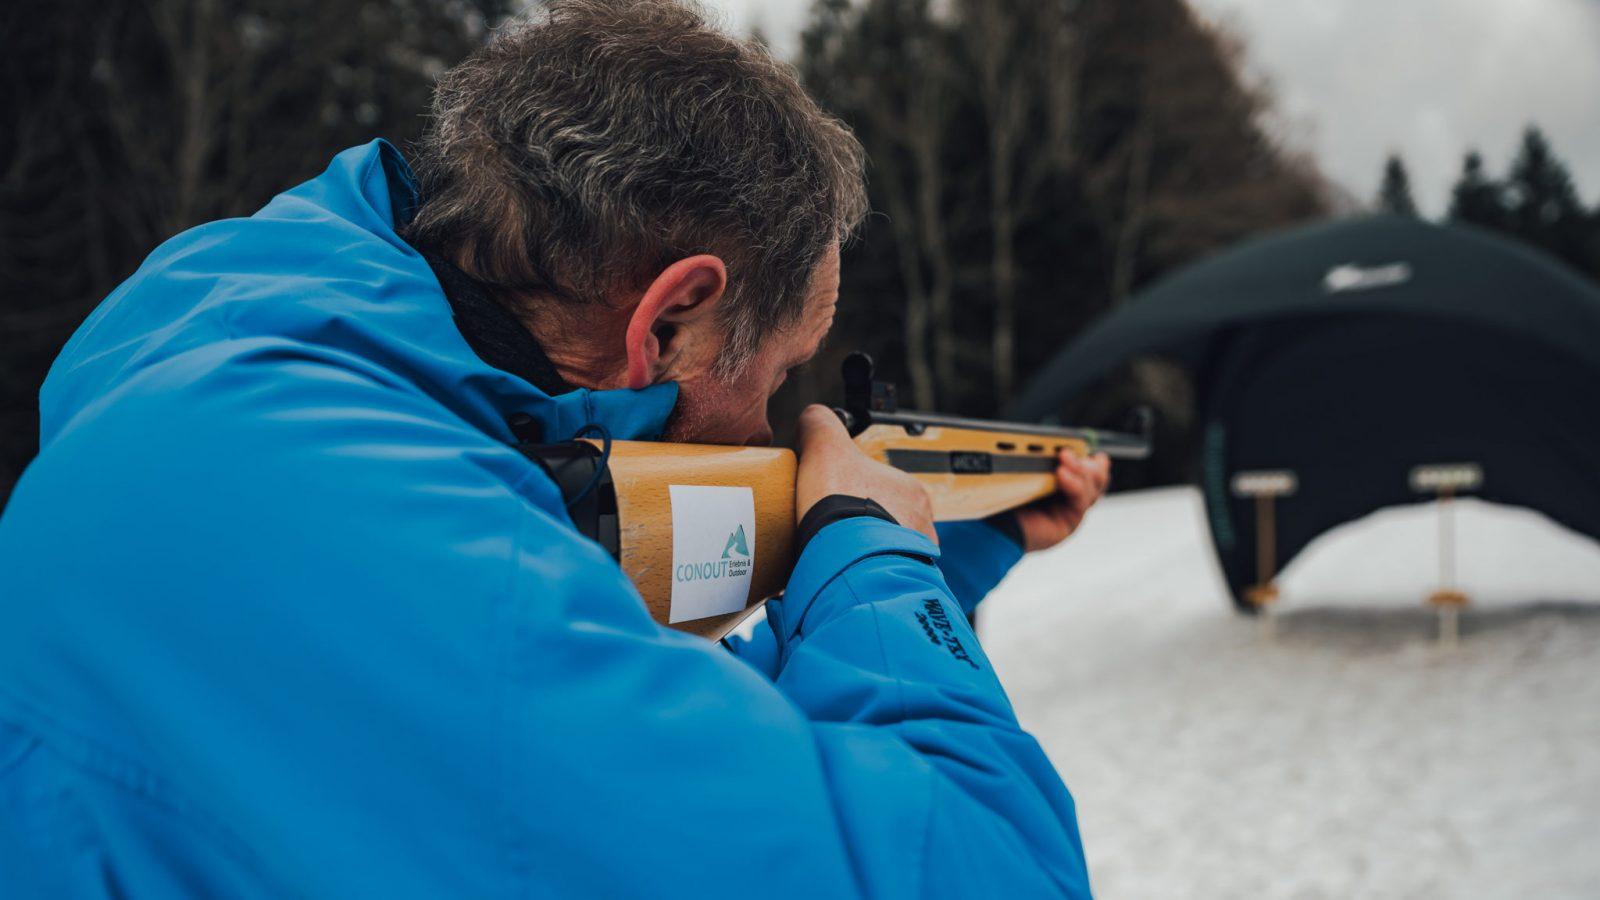 Conout-Lasergewehr-Biathlon